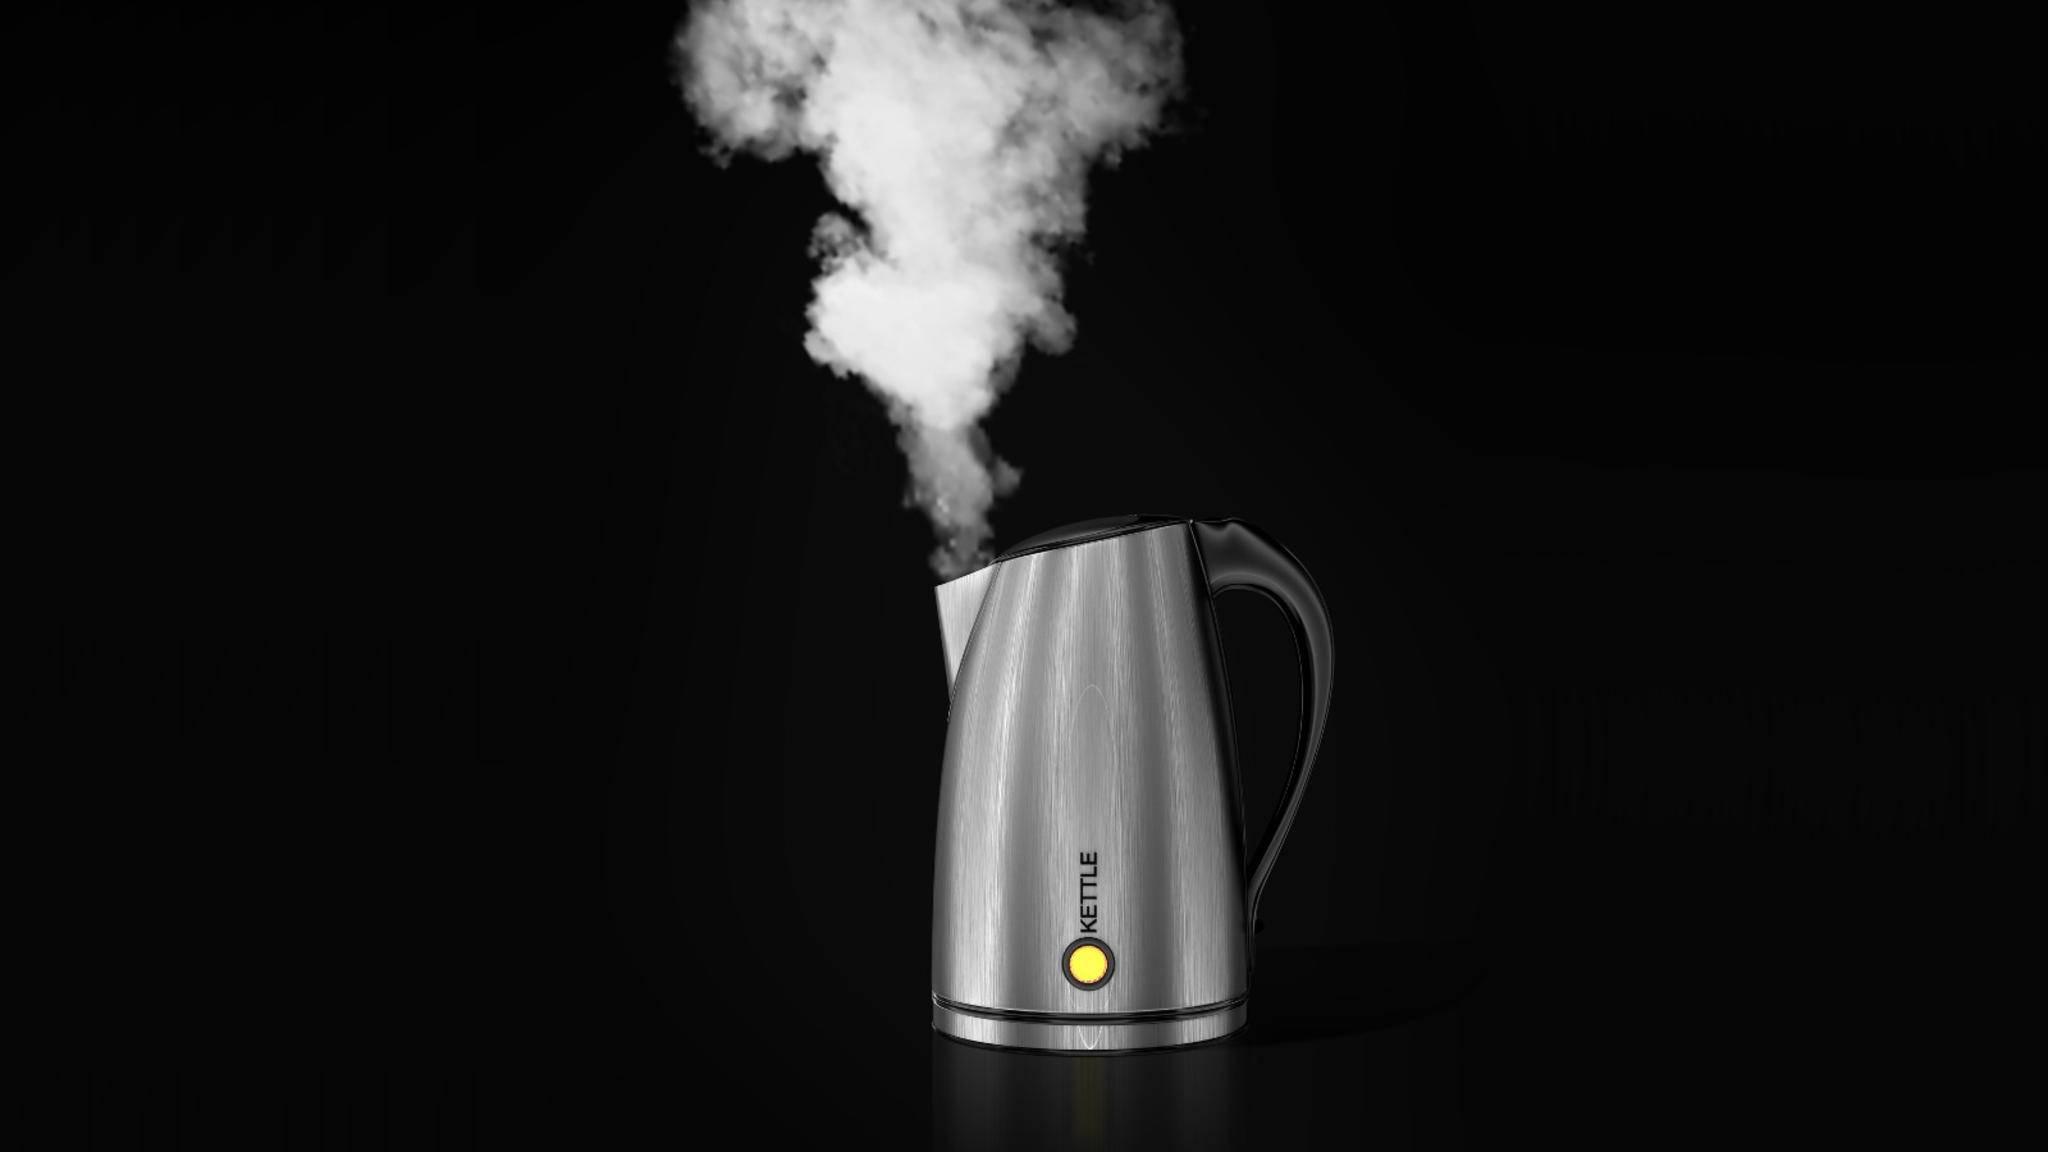 Damit der Wasserkocher auch weiter fröhlich dampft, solltest Du ihn regelmäßig entkalken.